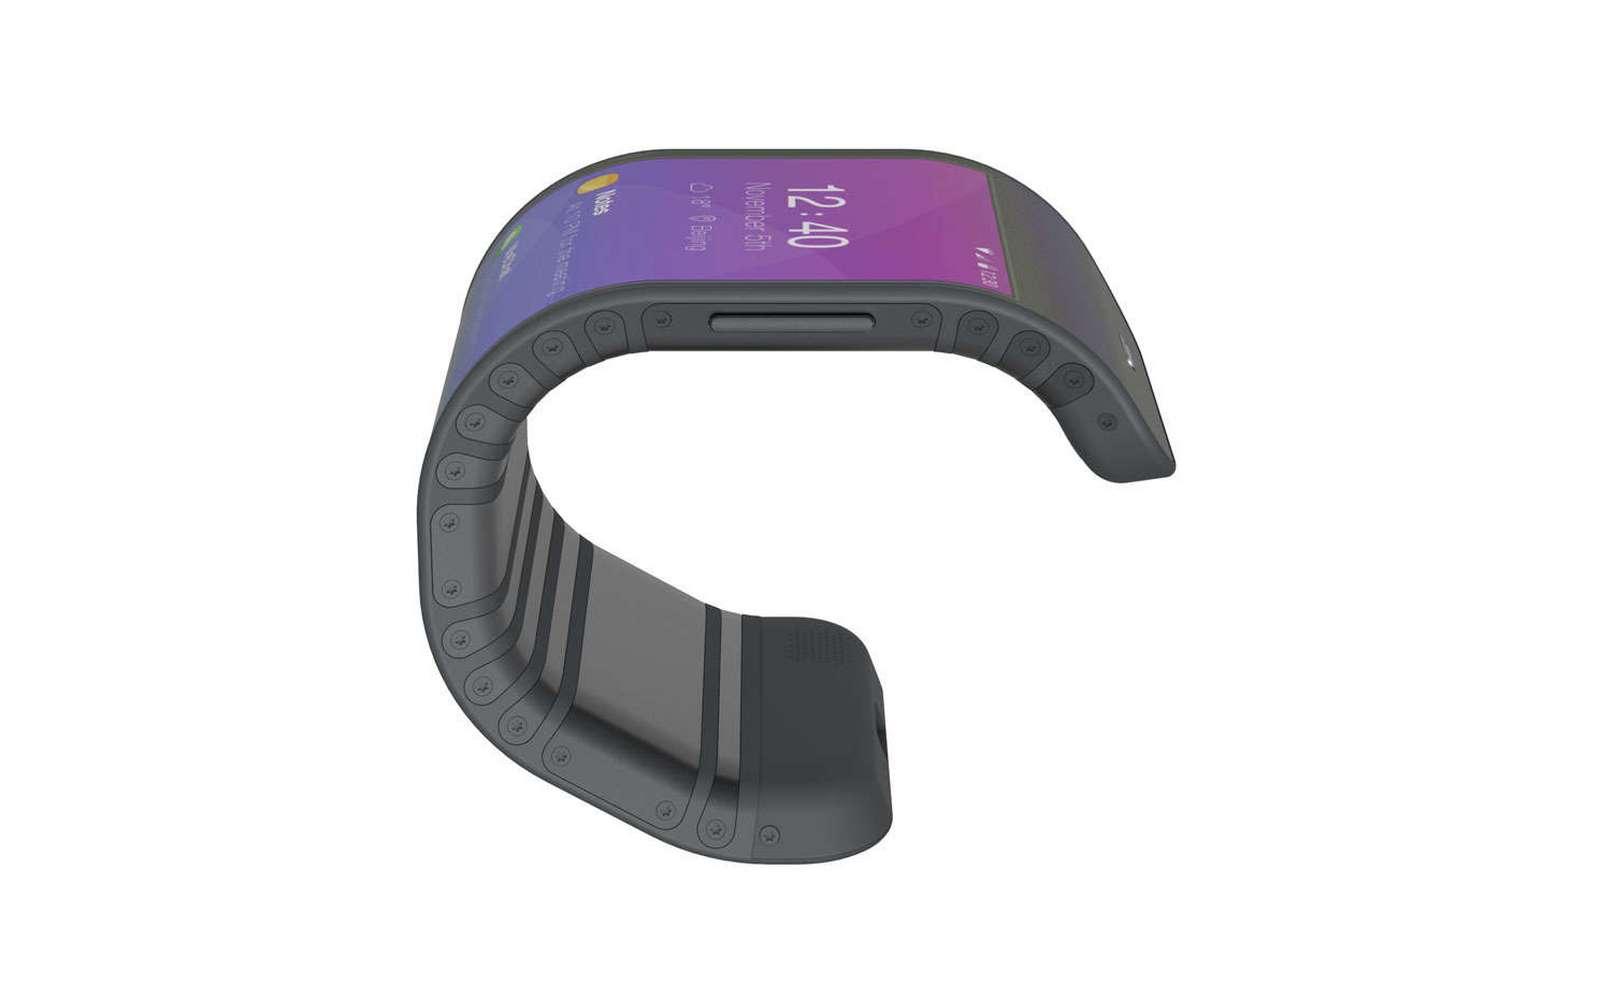 Ce téléphone possède un écran souple et une coque crantée pour l'enrouler autour du poignet. © Lenovo